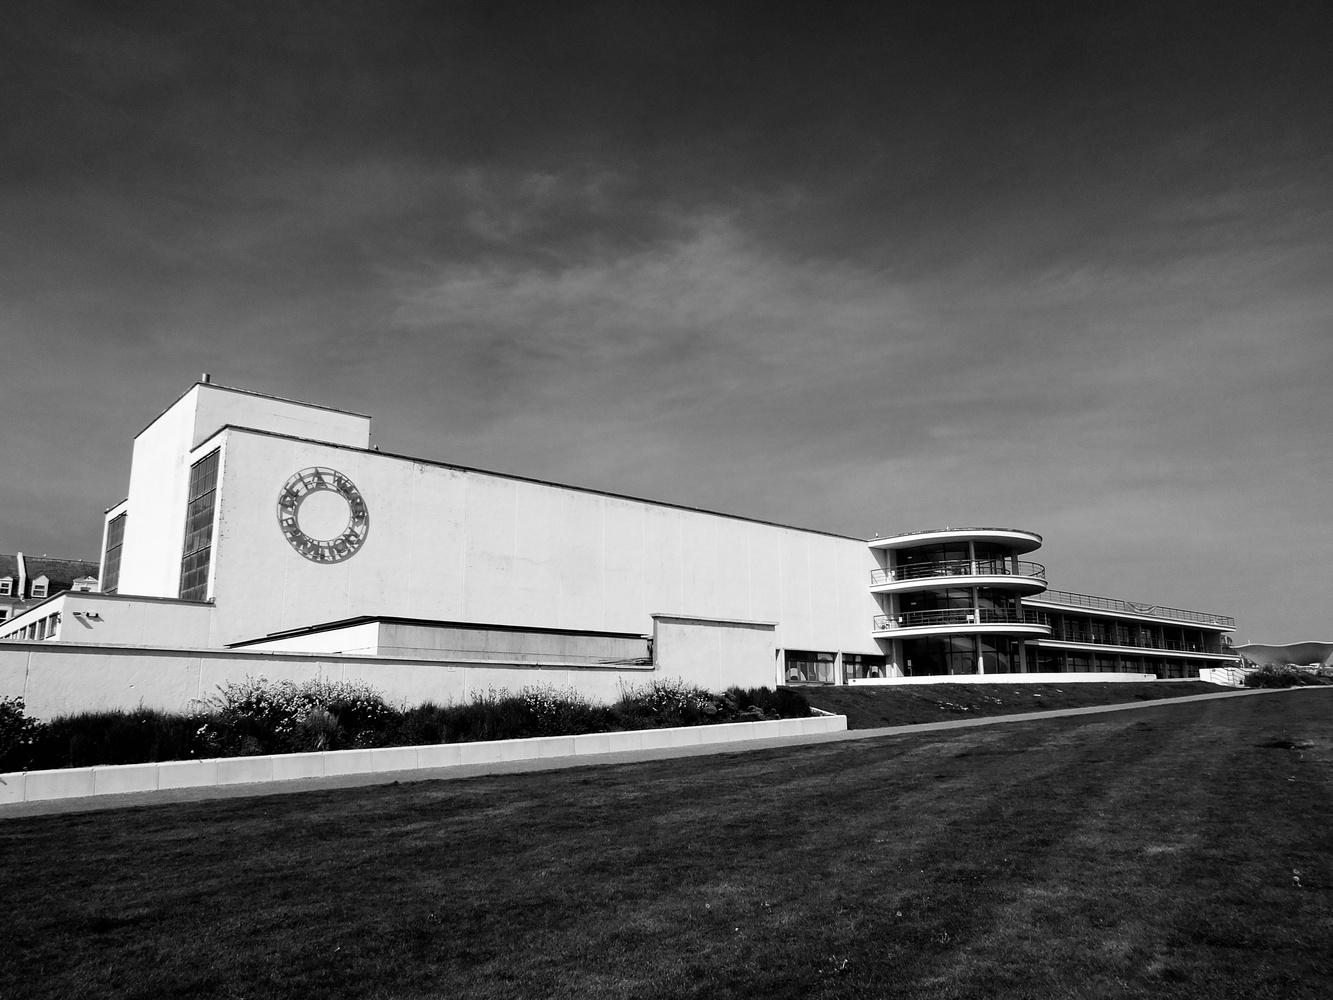 De la Warr Pavilion 01 by William Hunt